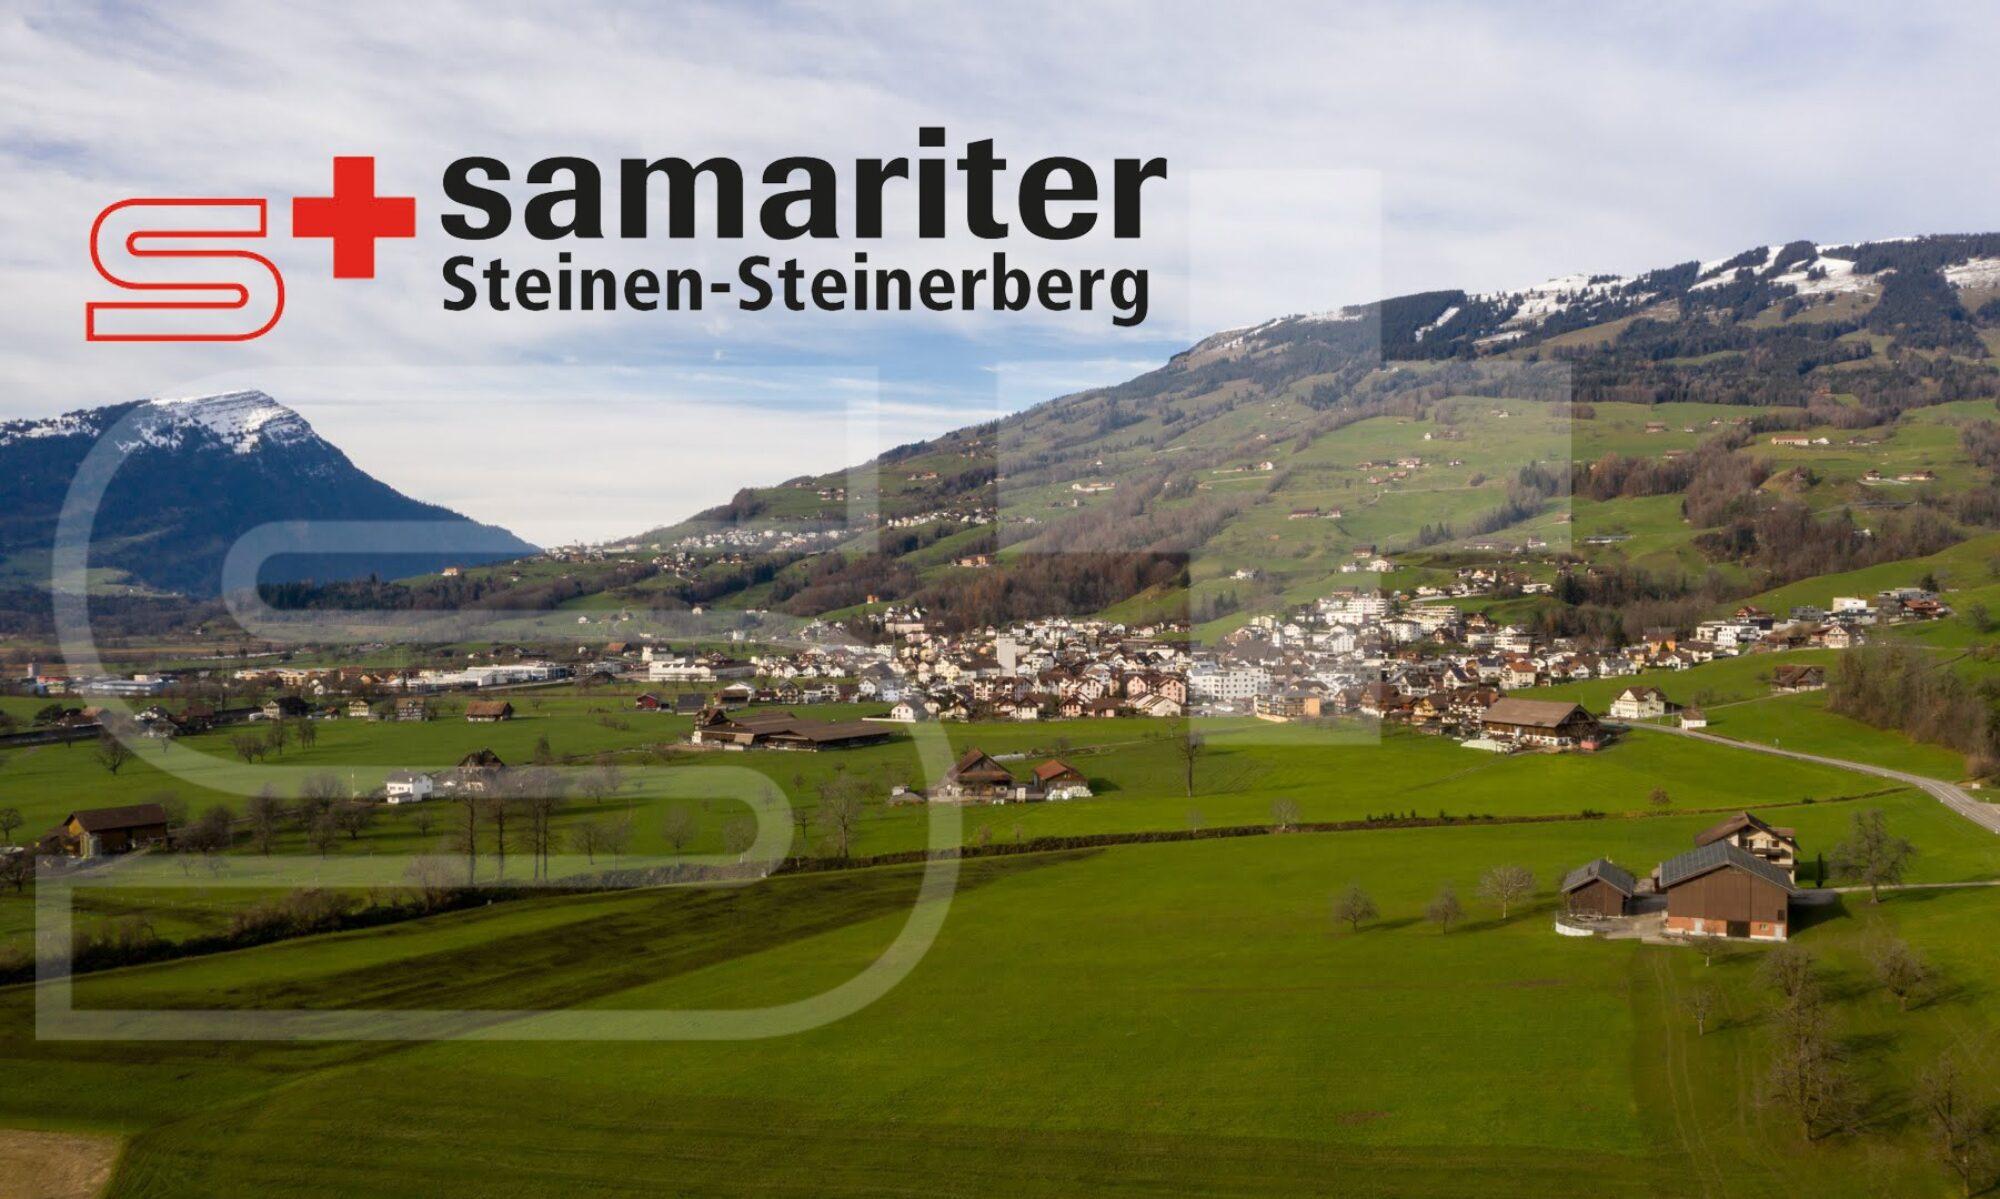 Samariterverein Steinen - Steinerberg